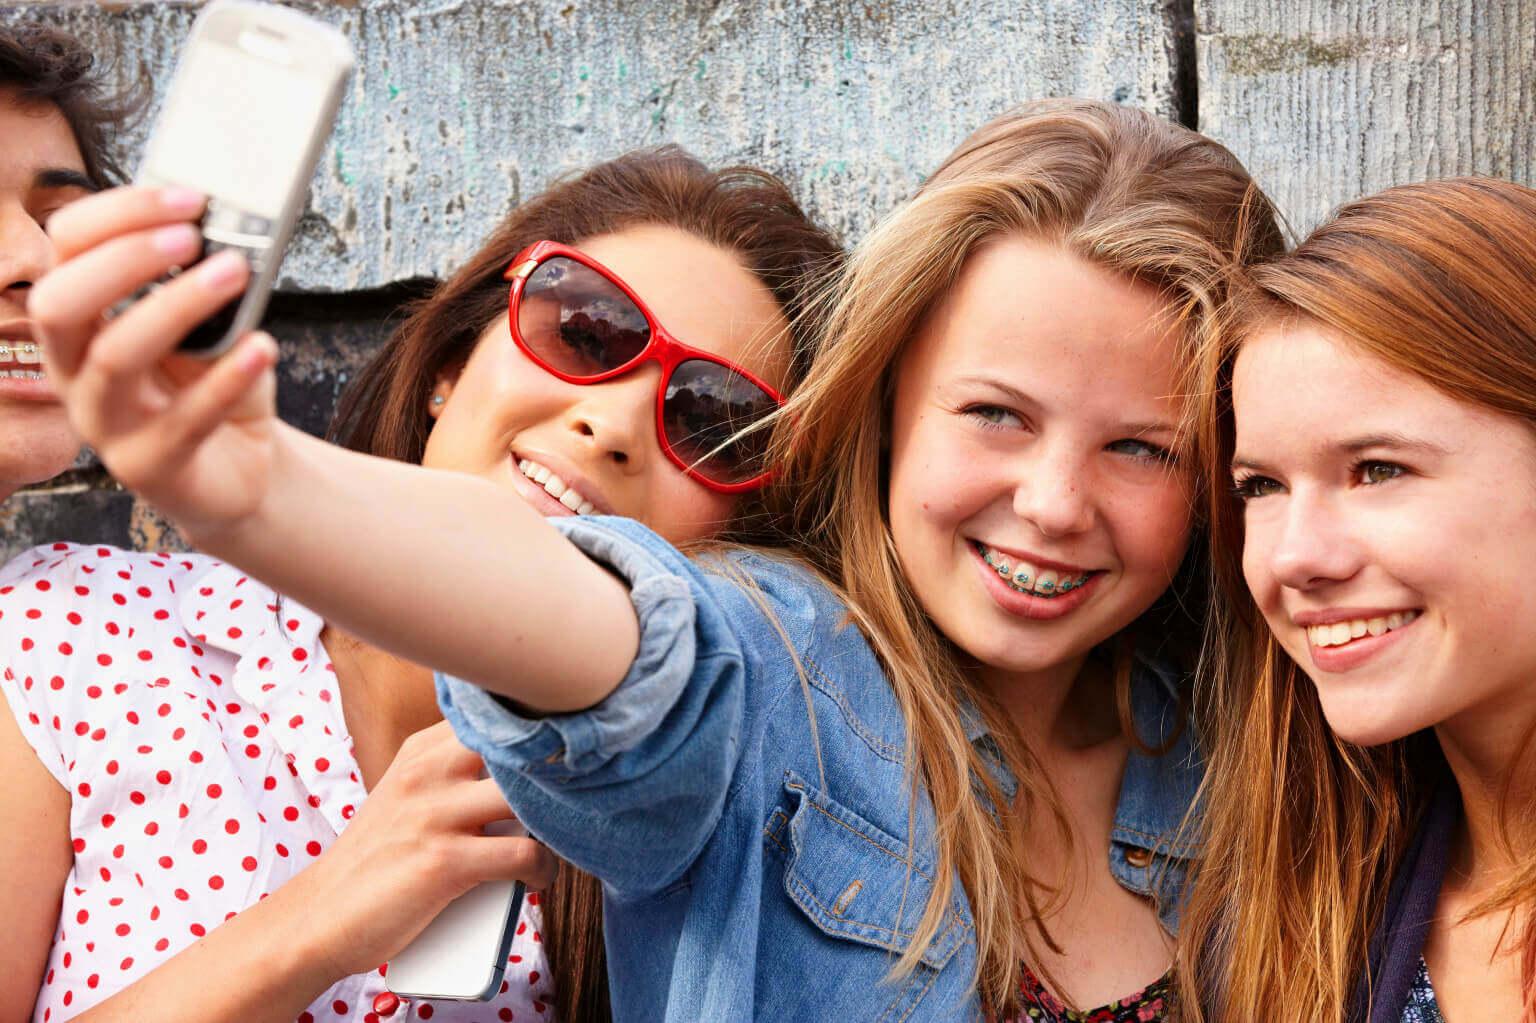 Muchos padres se preguntan cómo evitar problemas entre adolescentes y adicción digital.